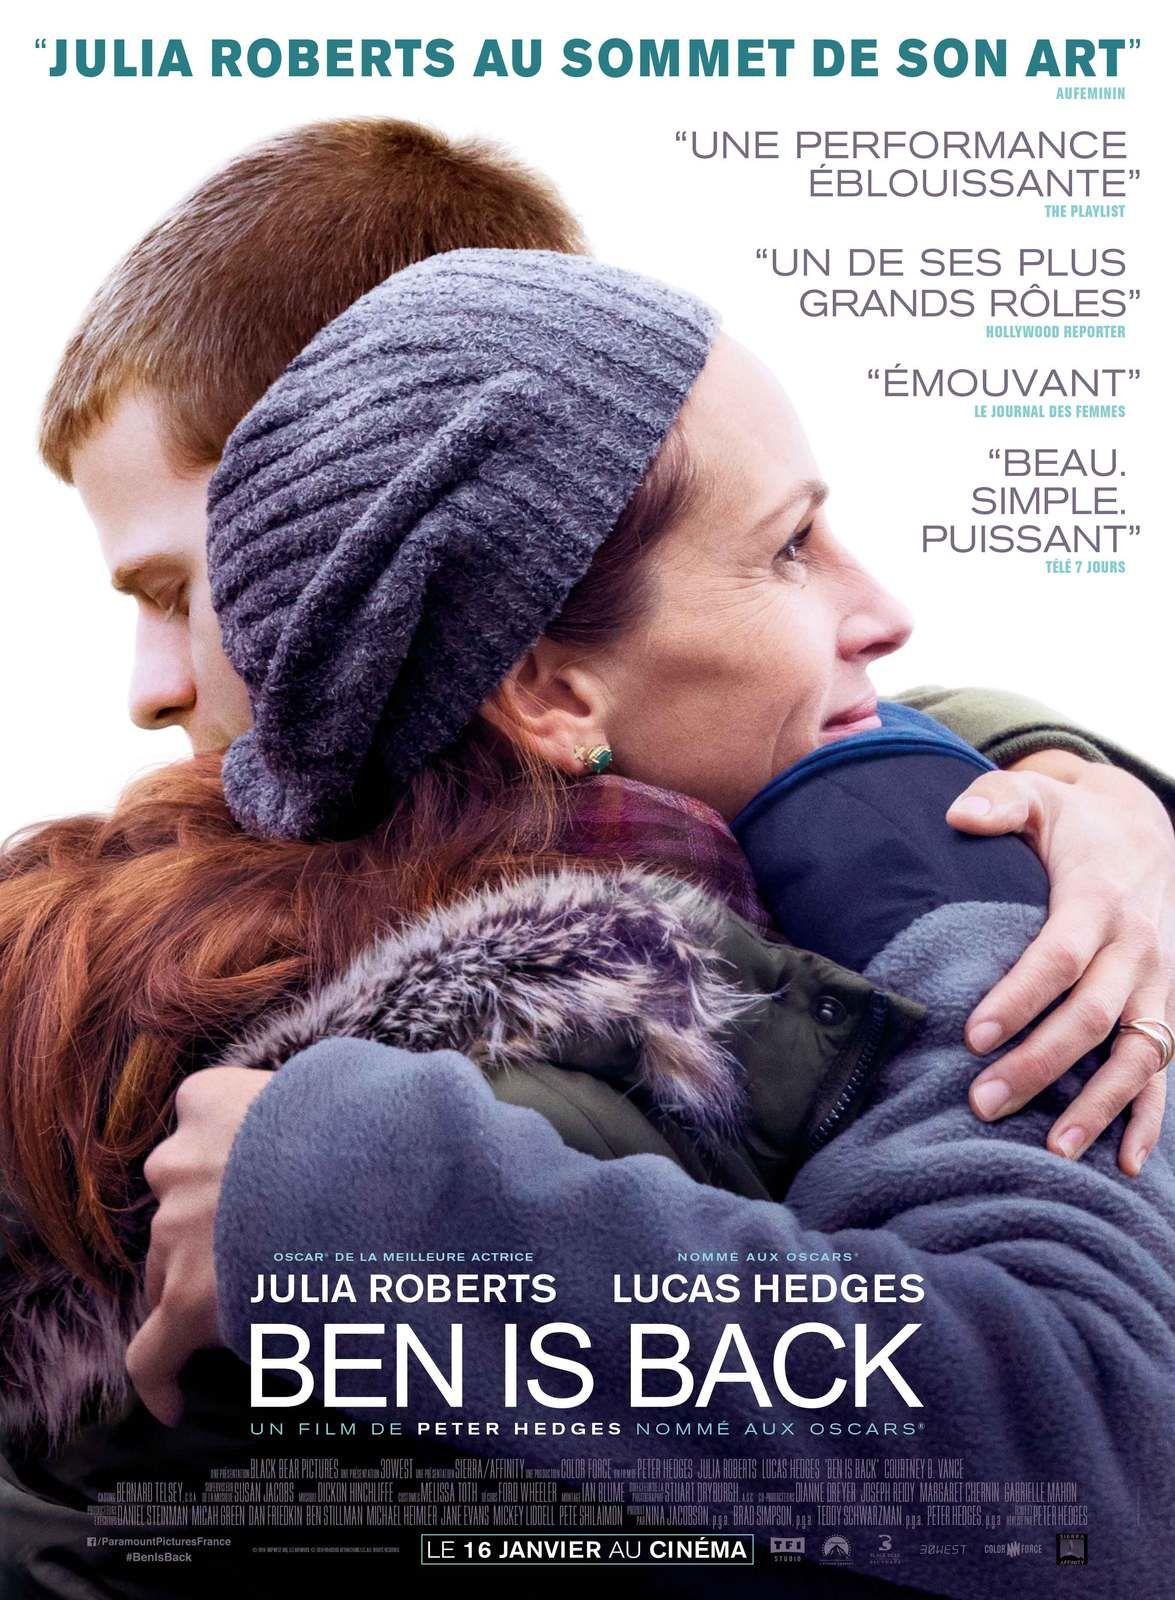 BEN IS BACK (BANDE-ANNONCE + 1 EXTRAIT) avec Julia Roberts, Lucas Hedges - Le 16 janvier 2019 au cinéma